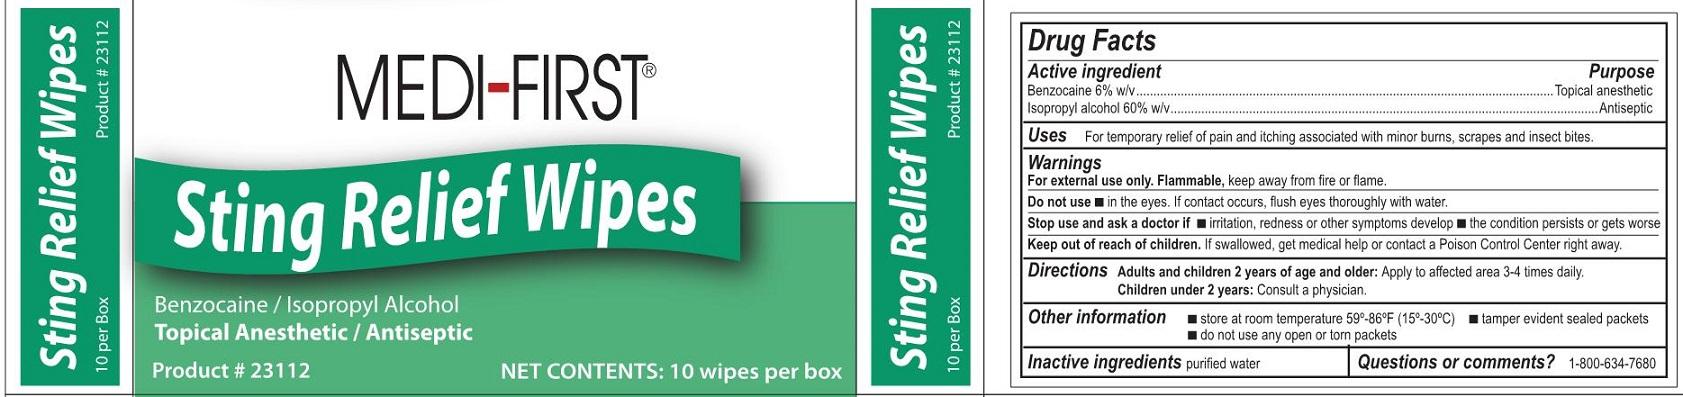 Mf StingRelief Wipes Label